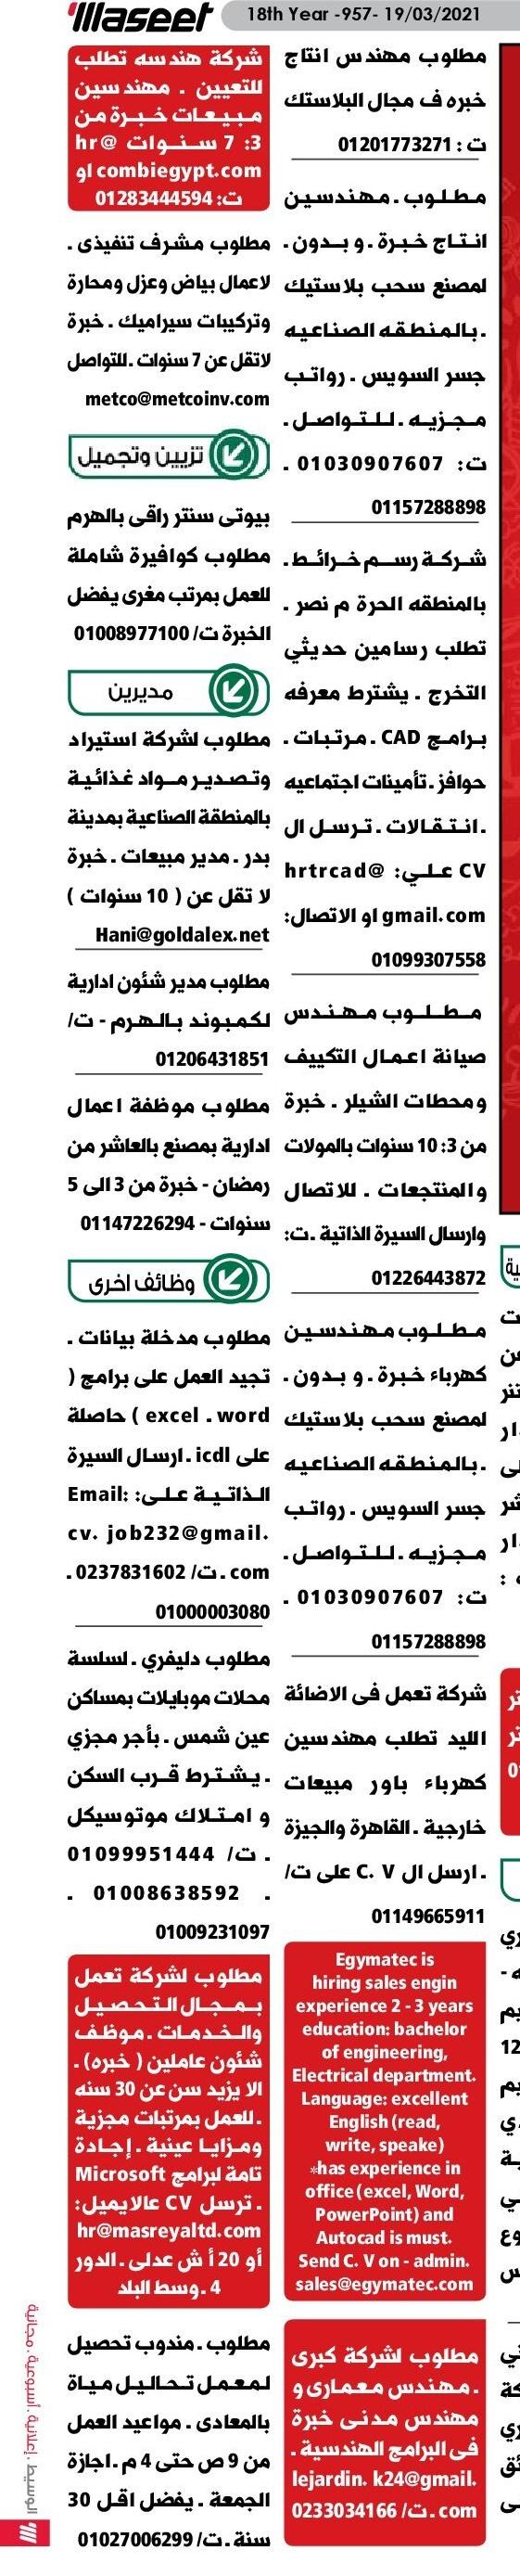 بالرواتب وظائف واعلانات  الوسيط الجمعة 2021/03/19 العدد الاسبوعى 19 مارس 2021